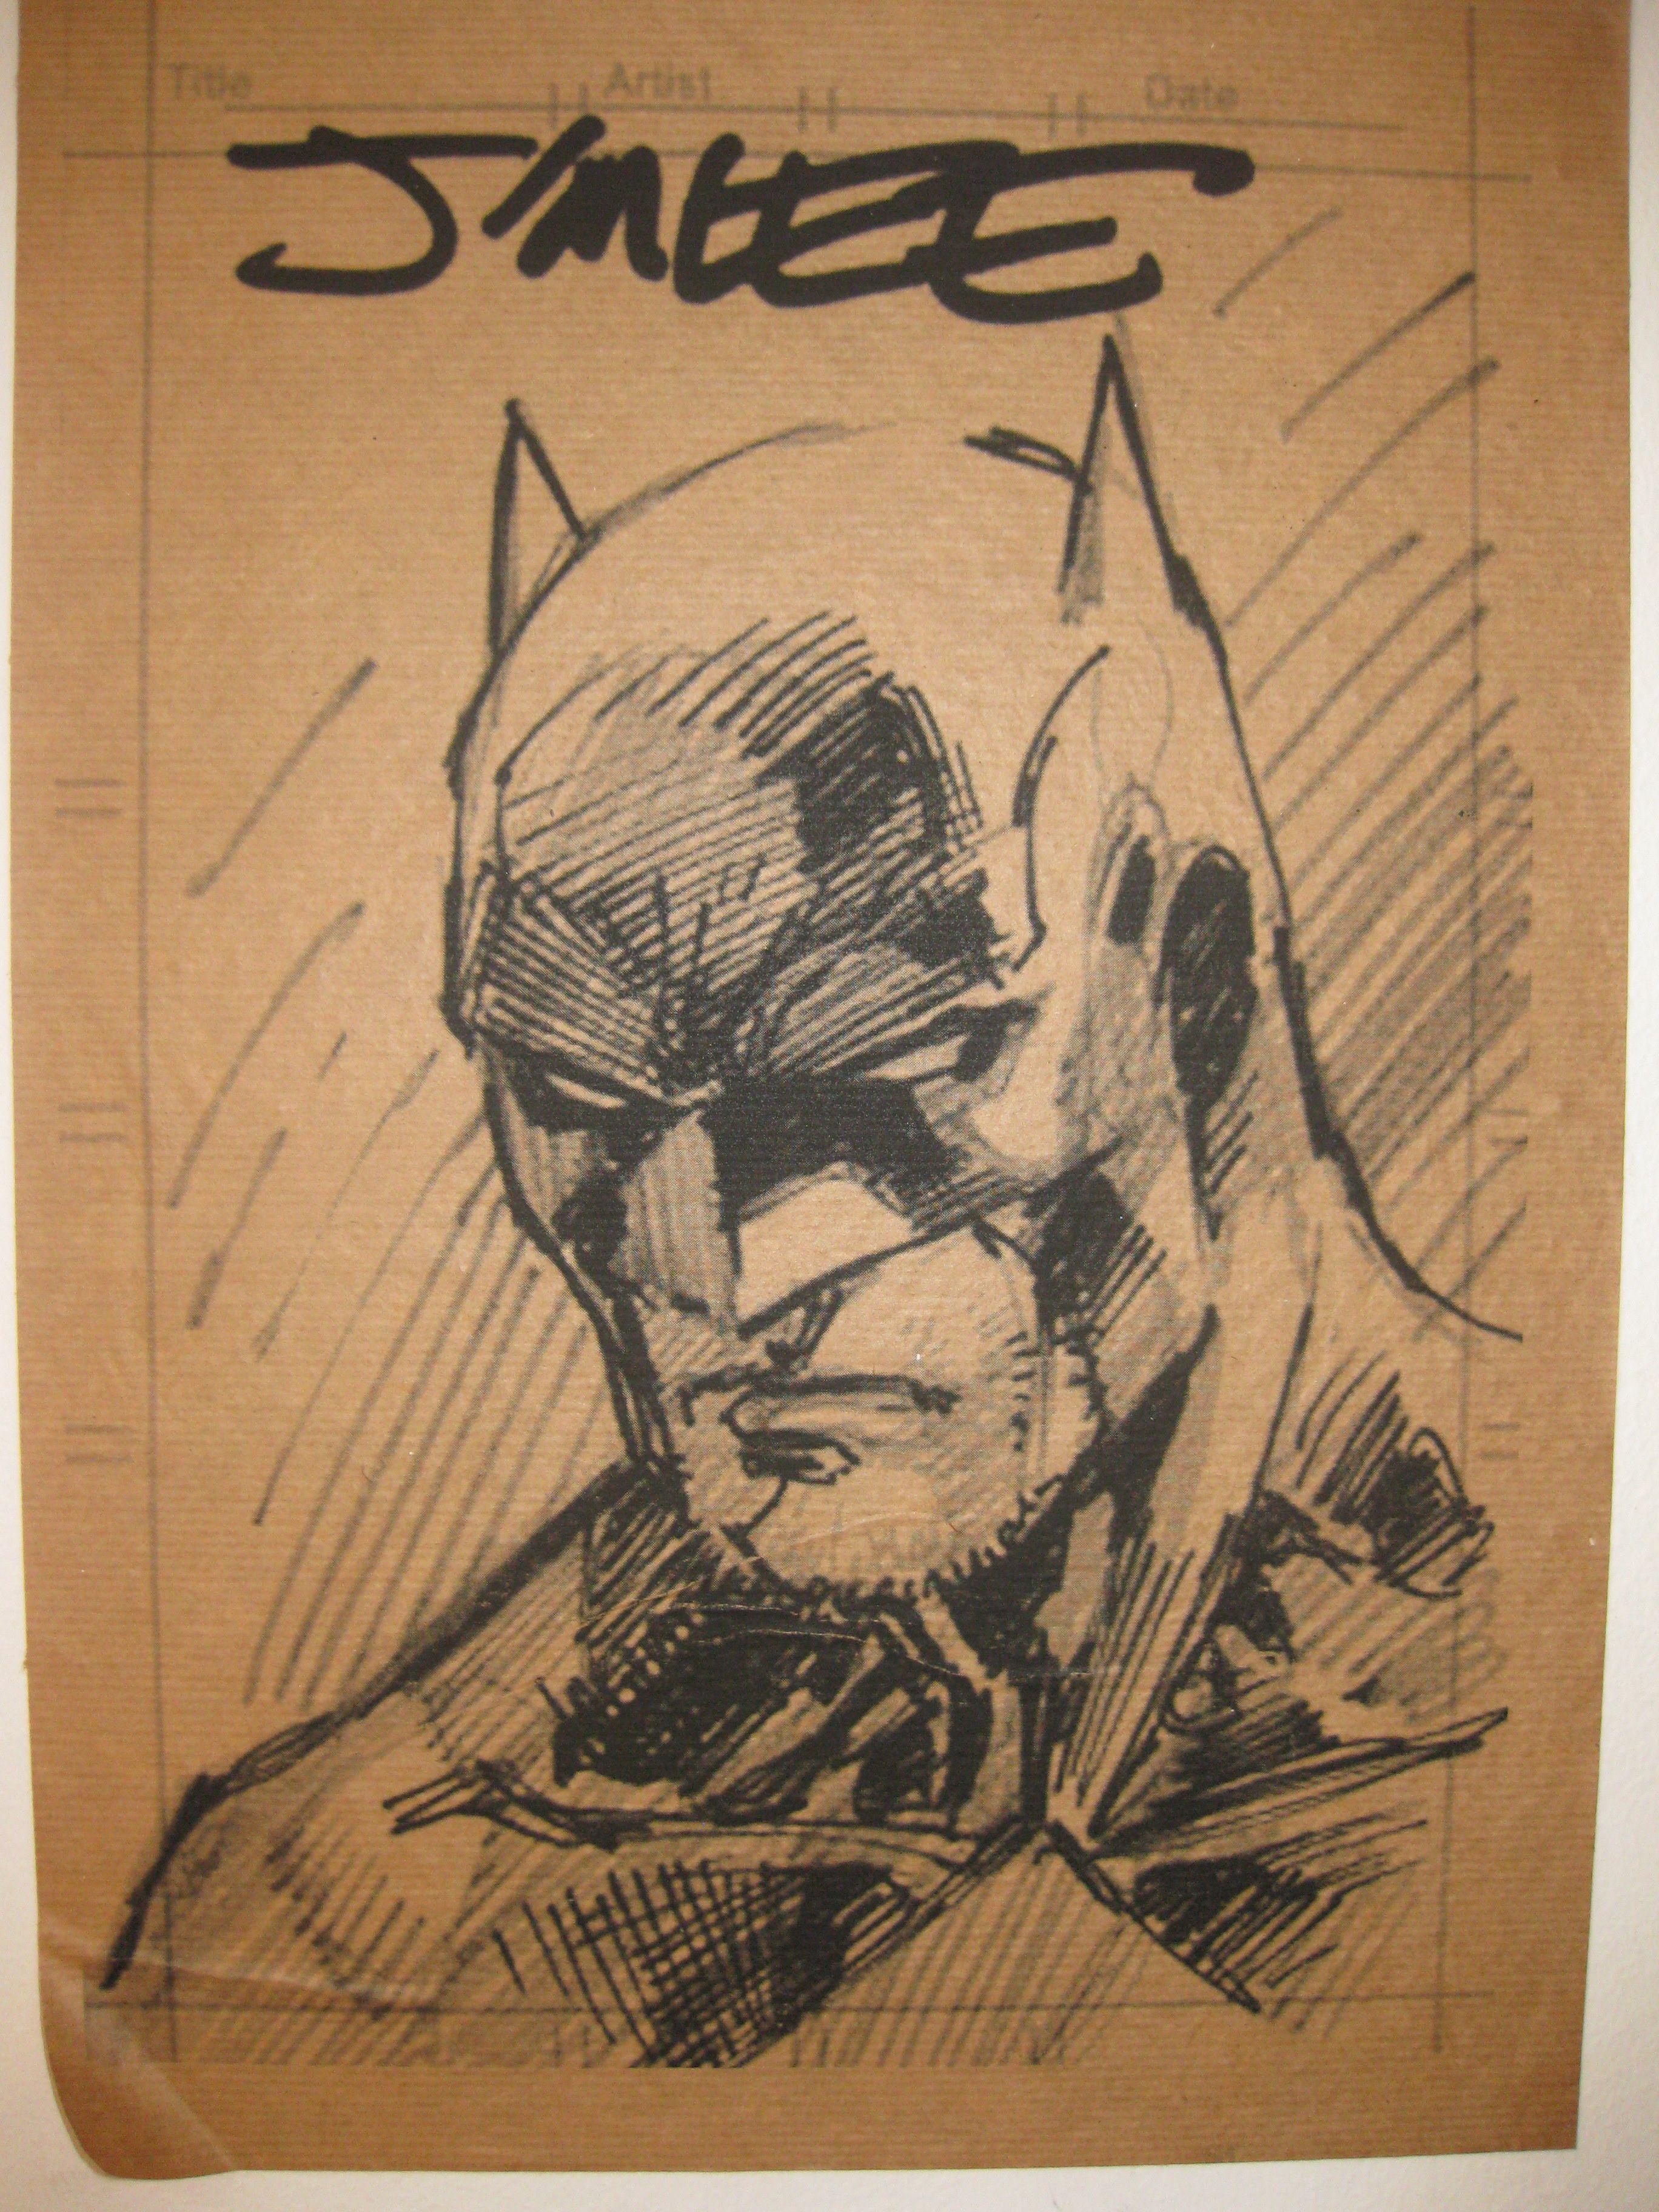 Boceto de Batman por Jim Lee.